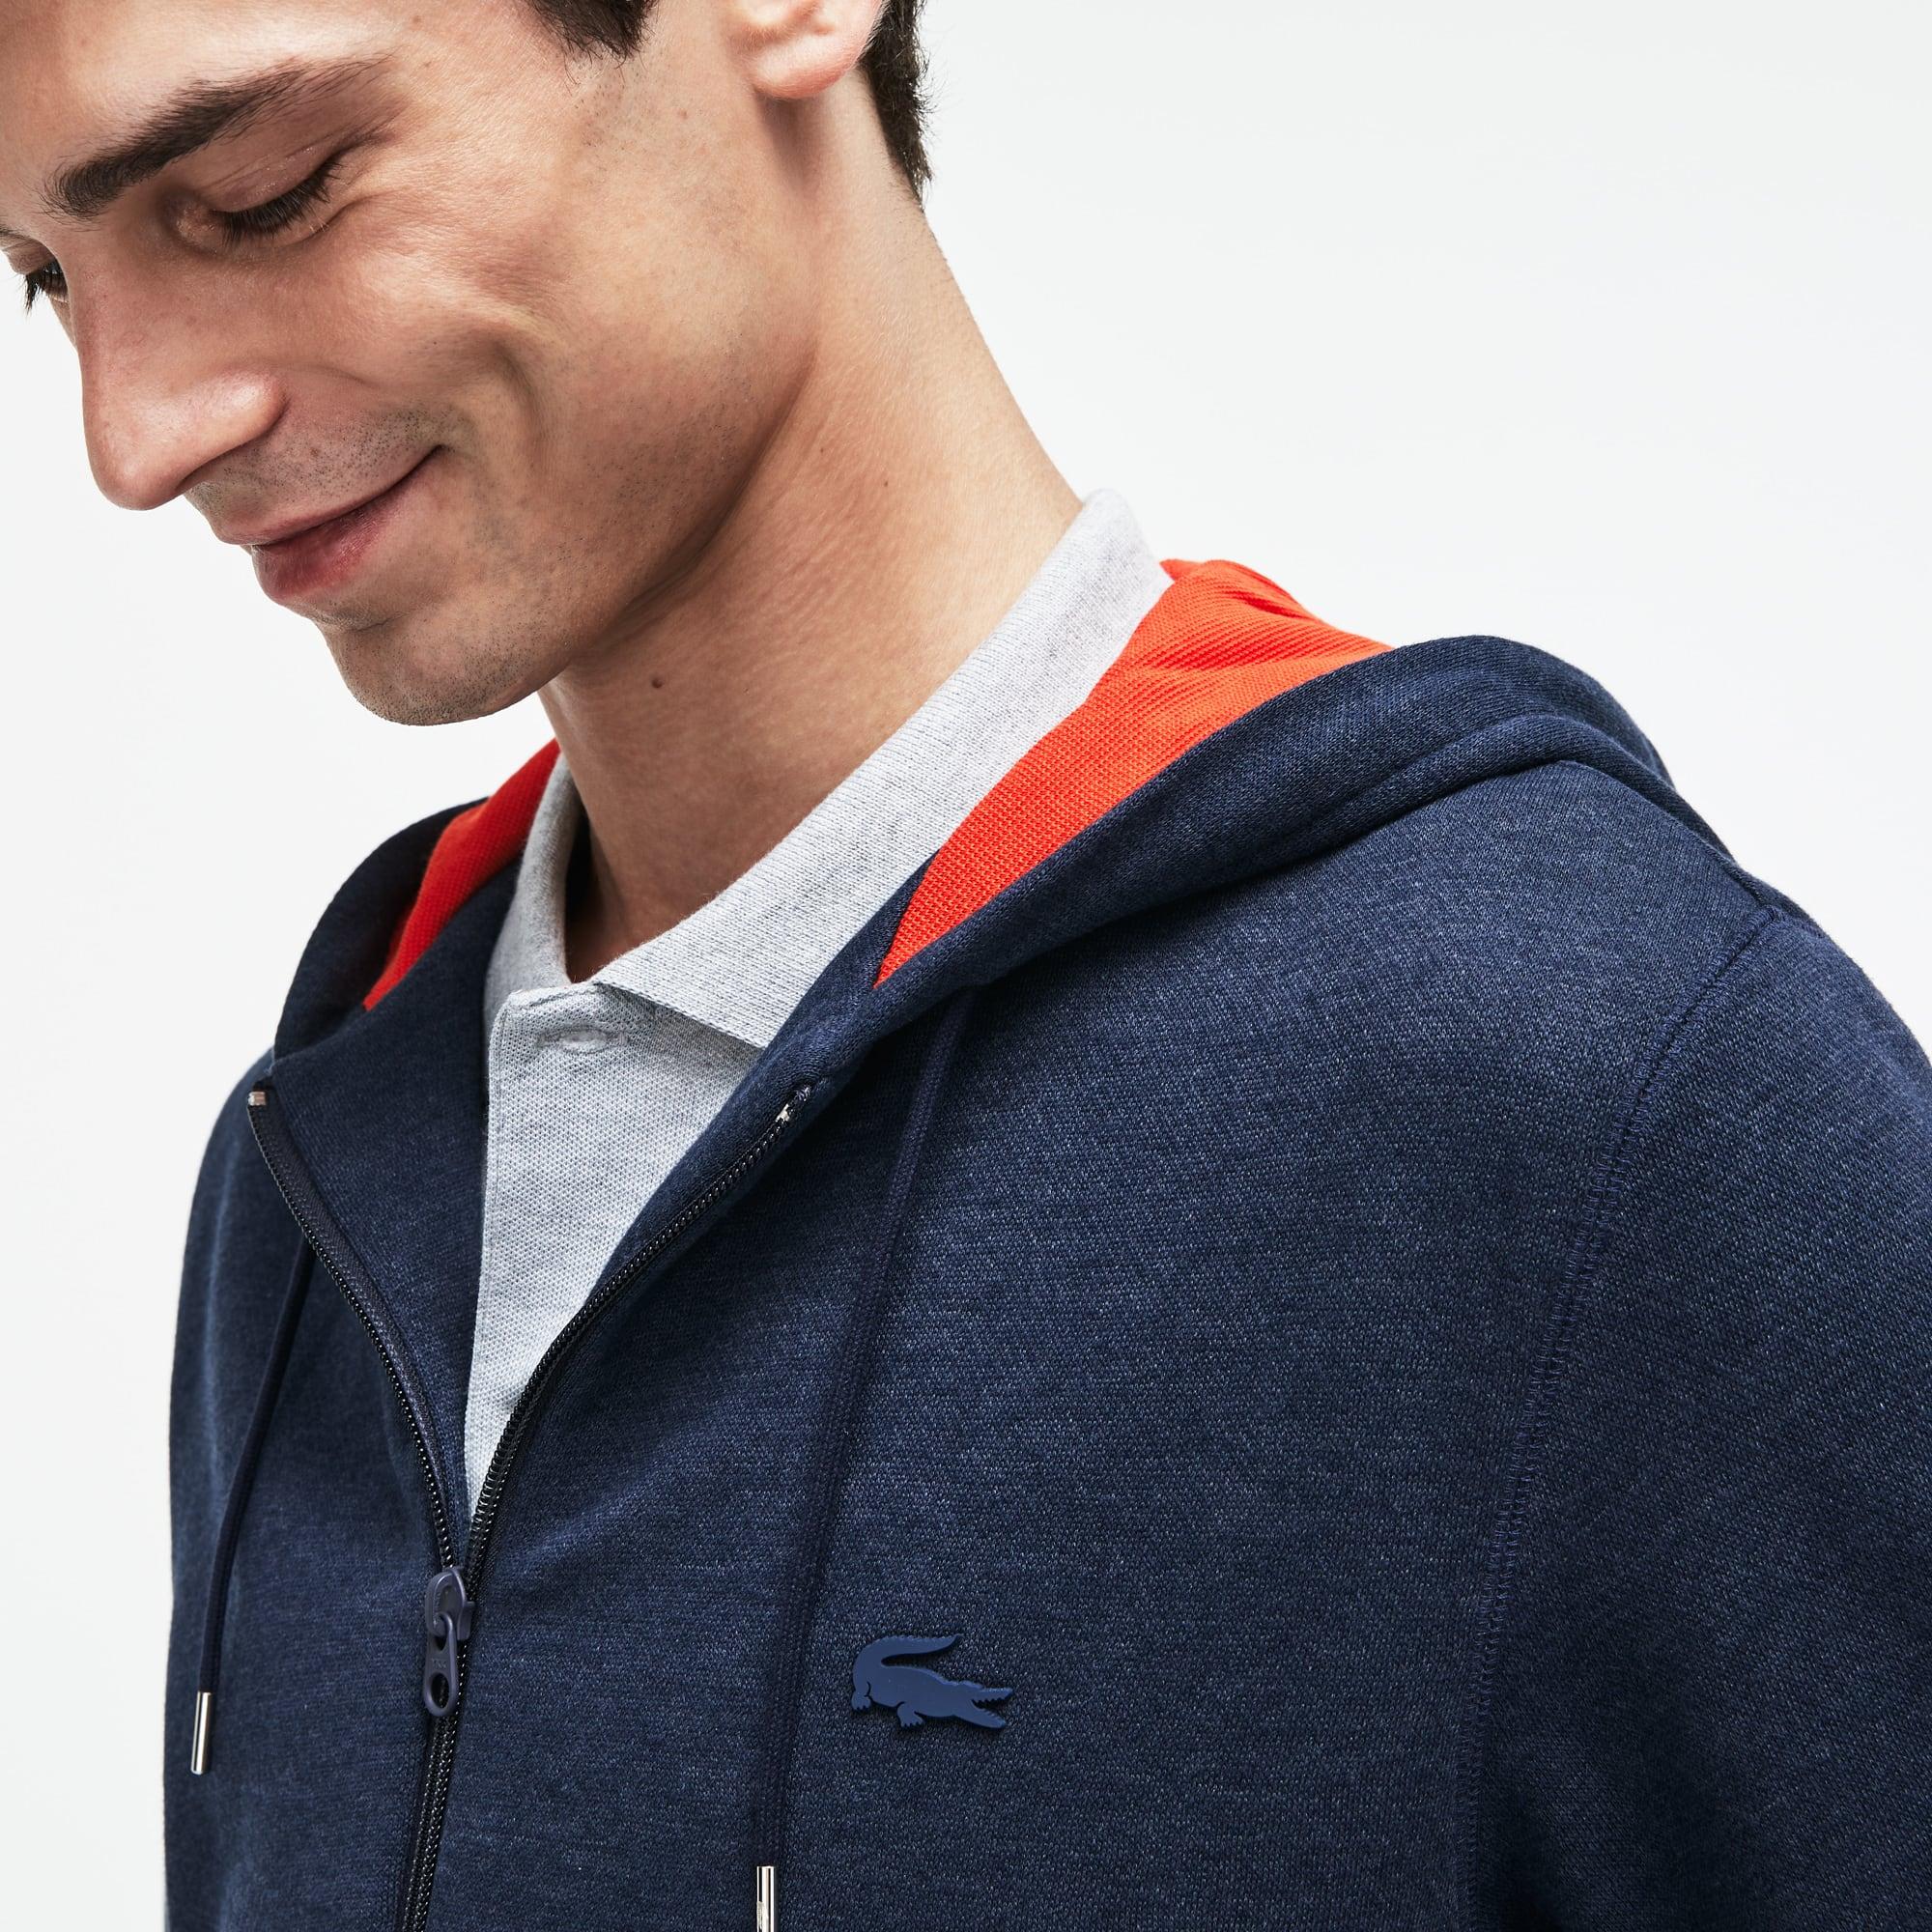 Lacoste Motion-sweatshirt fleece met rits en capuchon